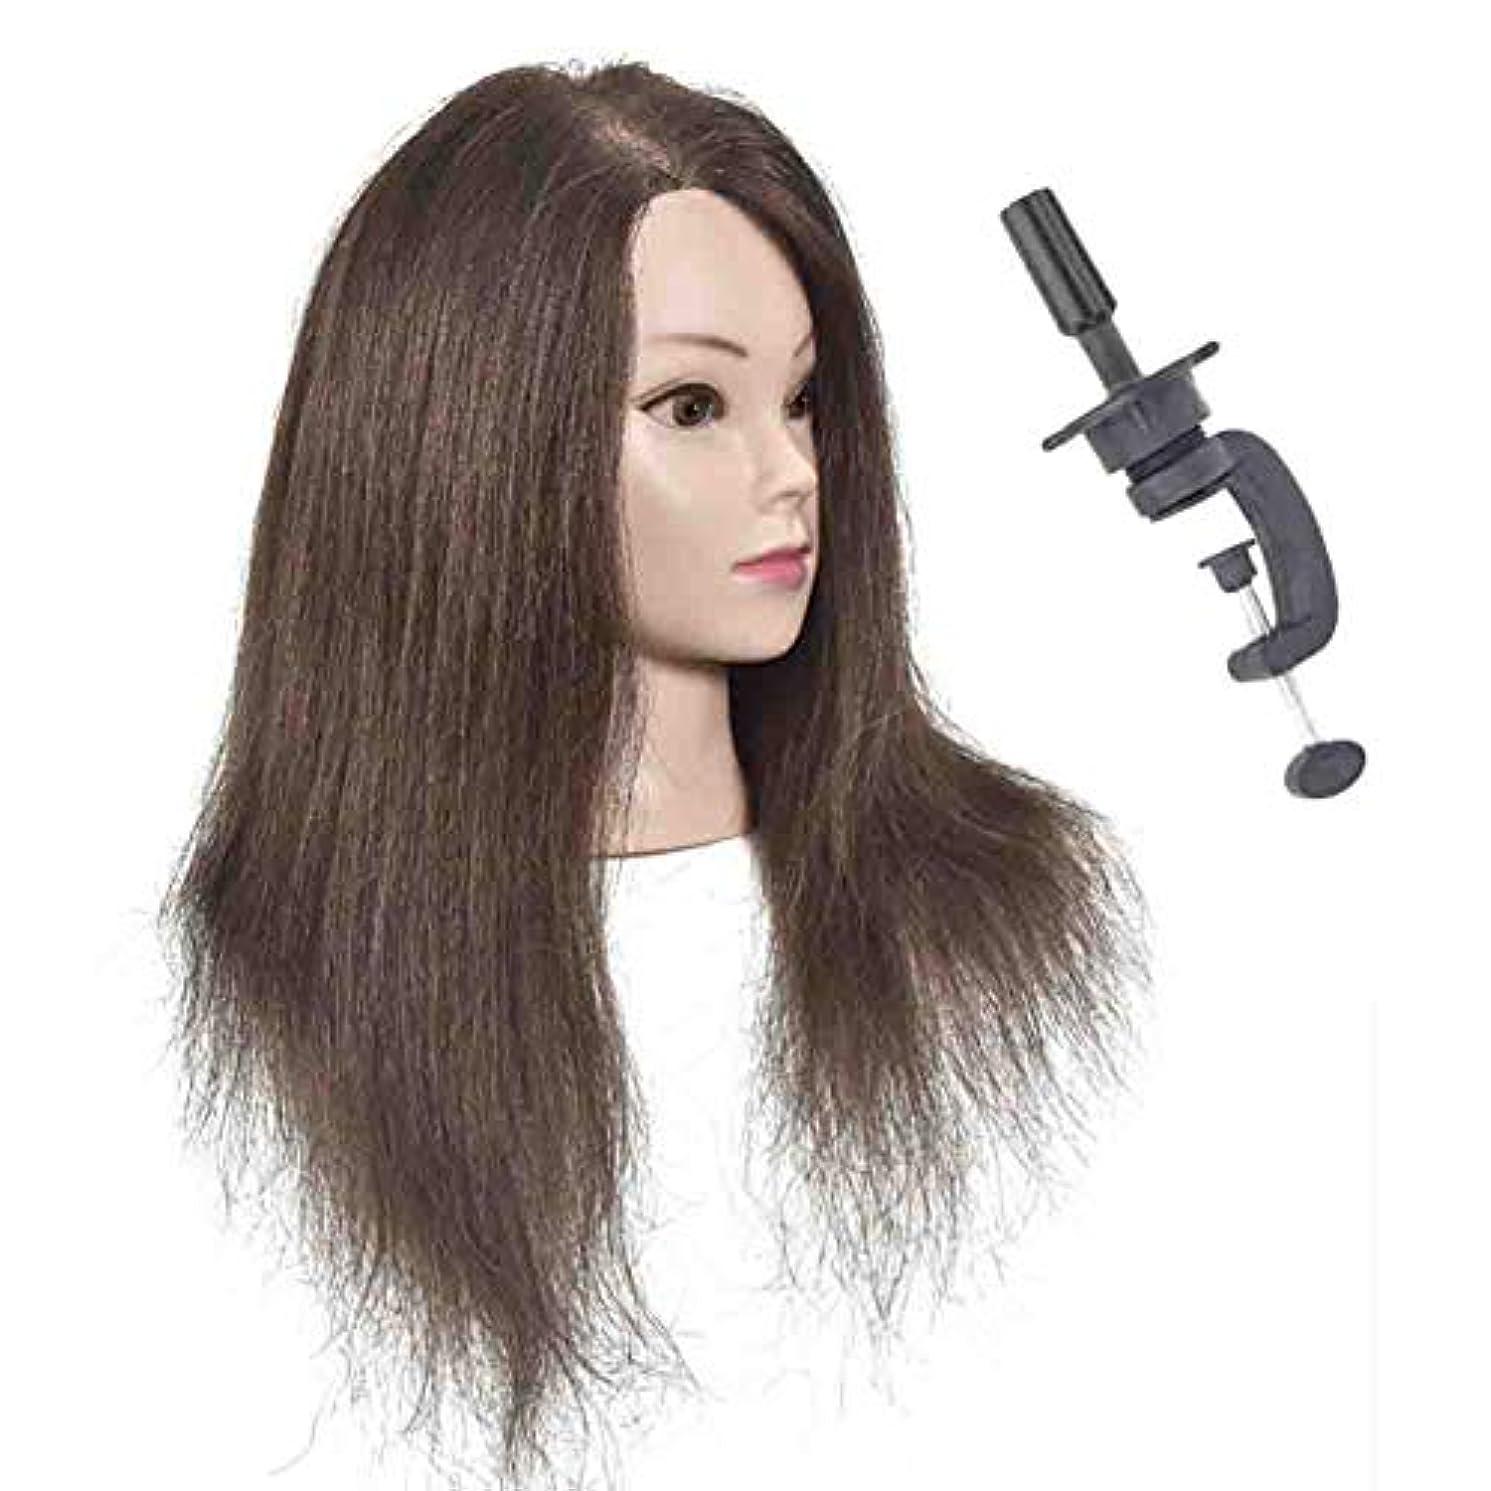 車両感覚キャンプリアルヘアワイヤーヘアティーチングヘッドパーマヘアウィービングヘアモデルヘアダイイング理髪ダミーヘッドモデル